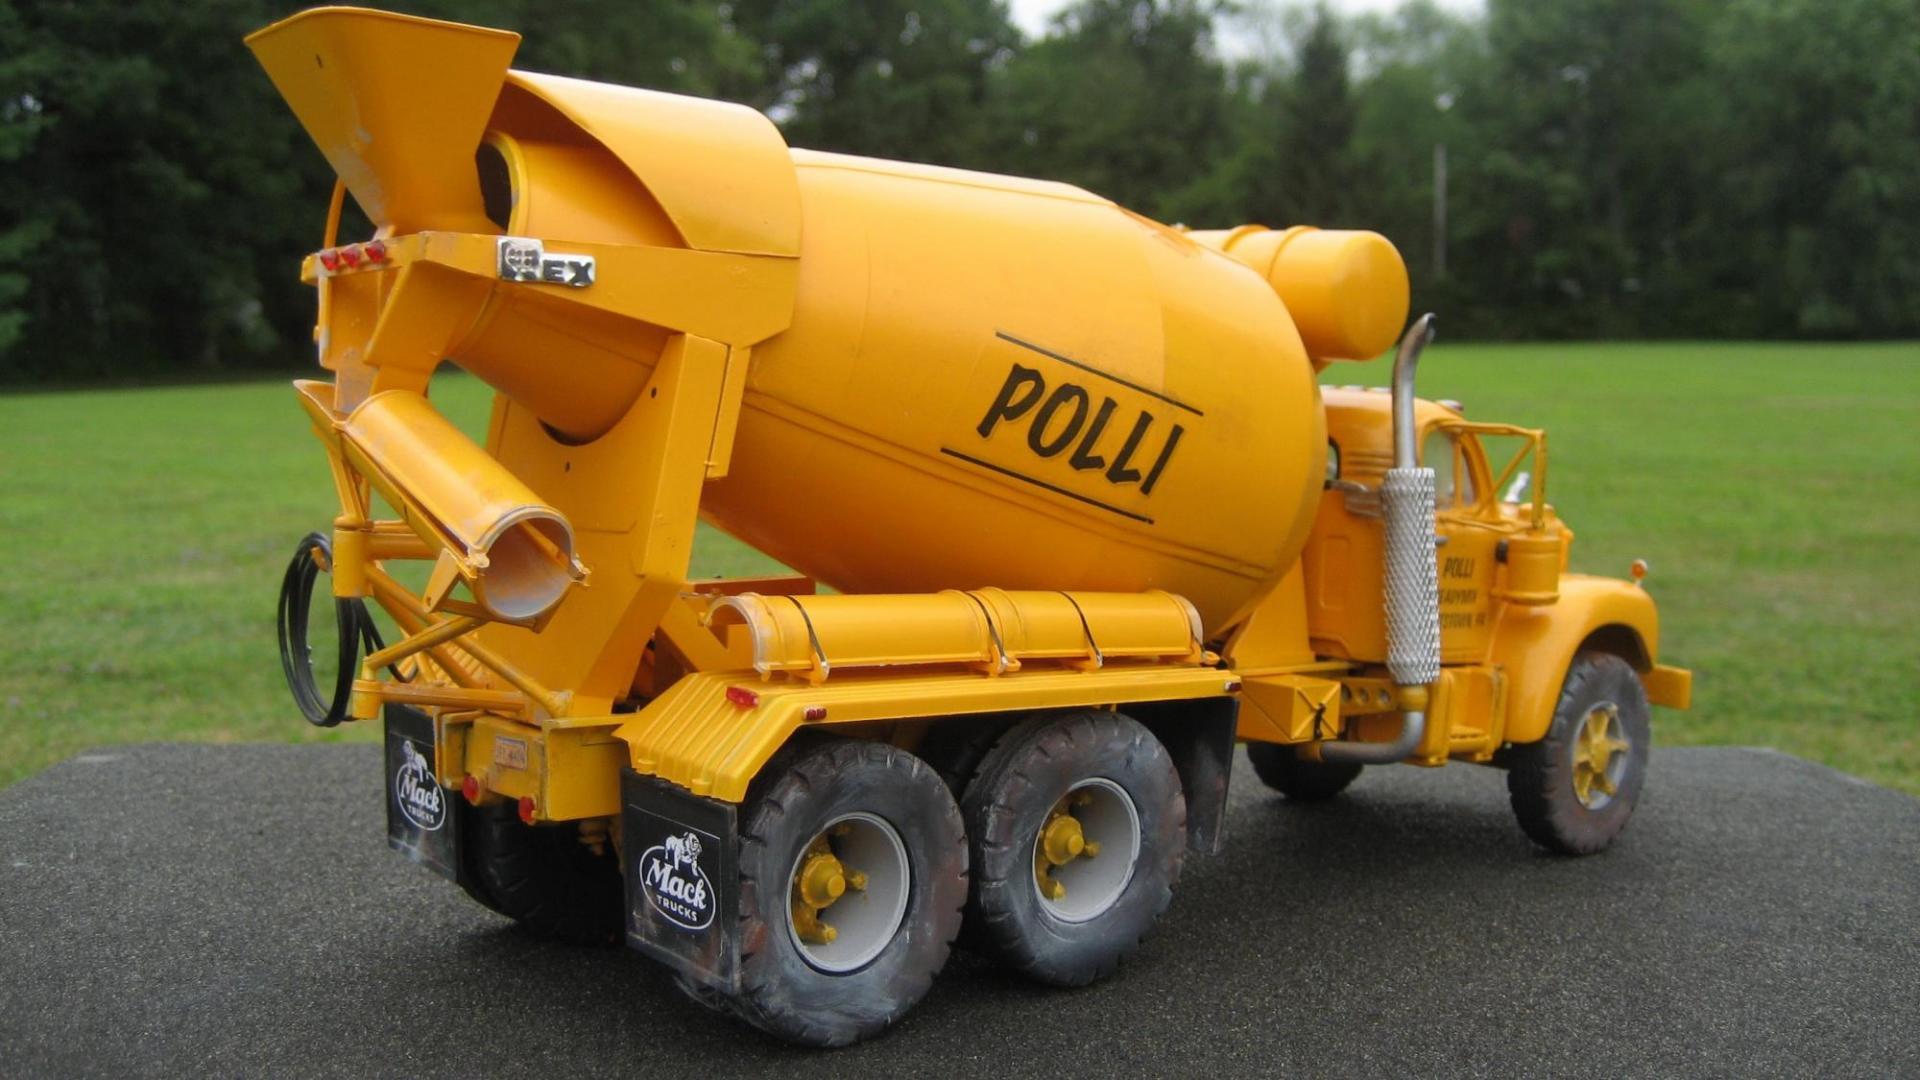 Polli Mixer 3.jpg